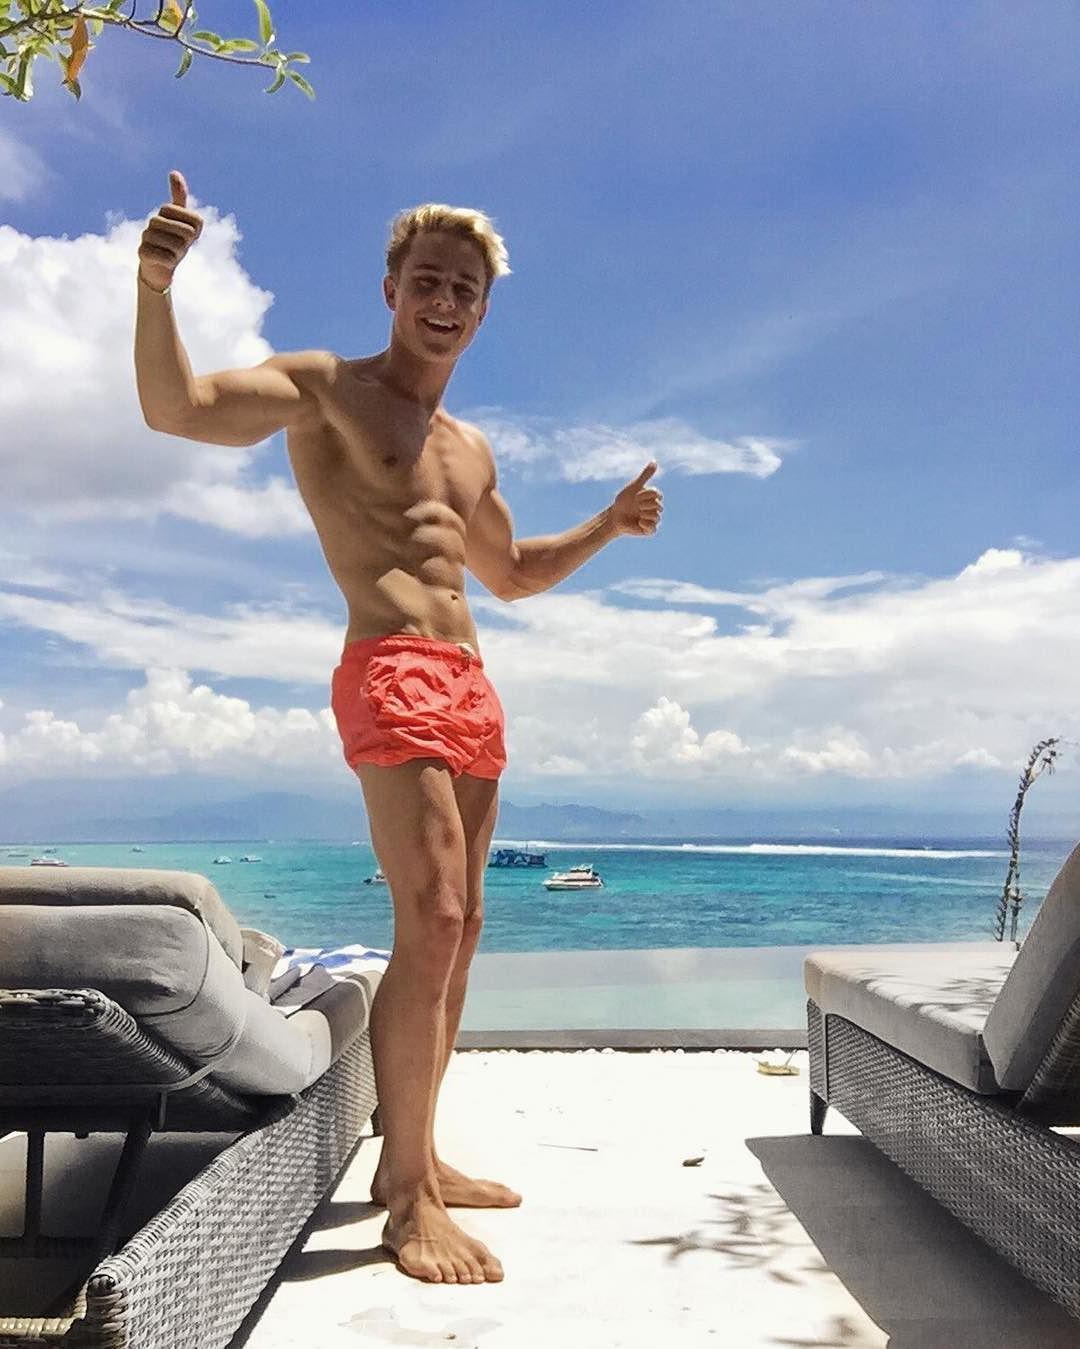 cute-slim-blond-gay-twink-abs-smiling-beach